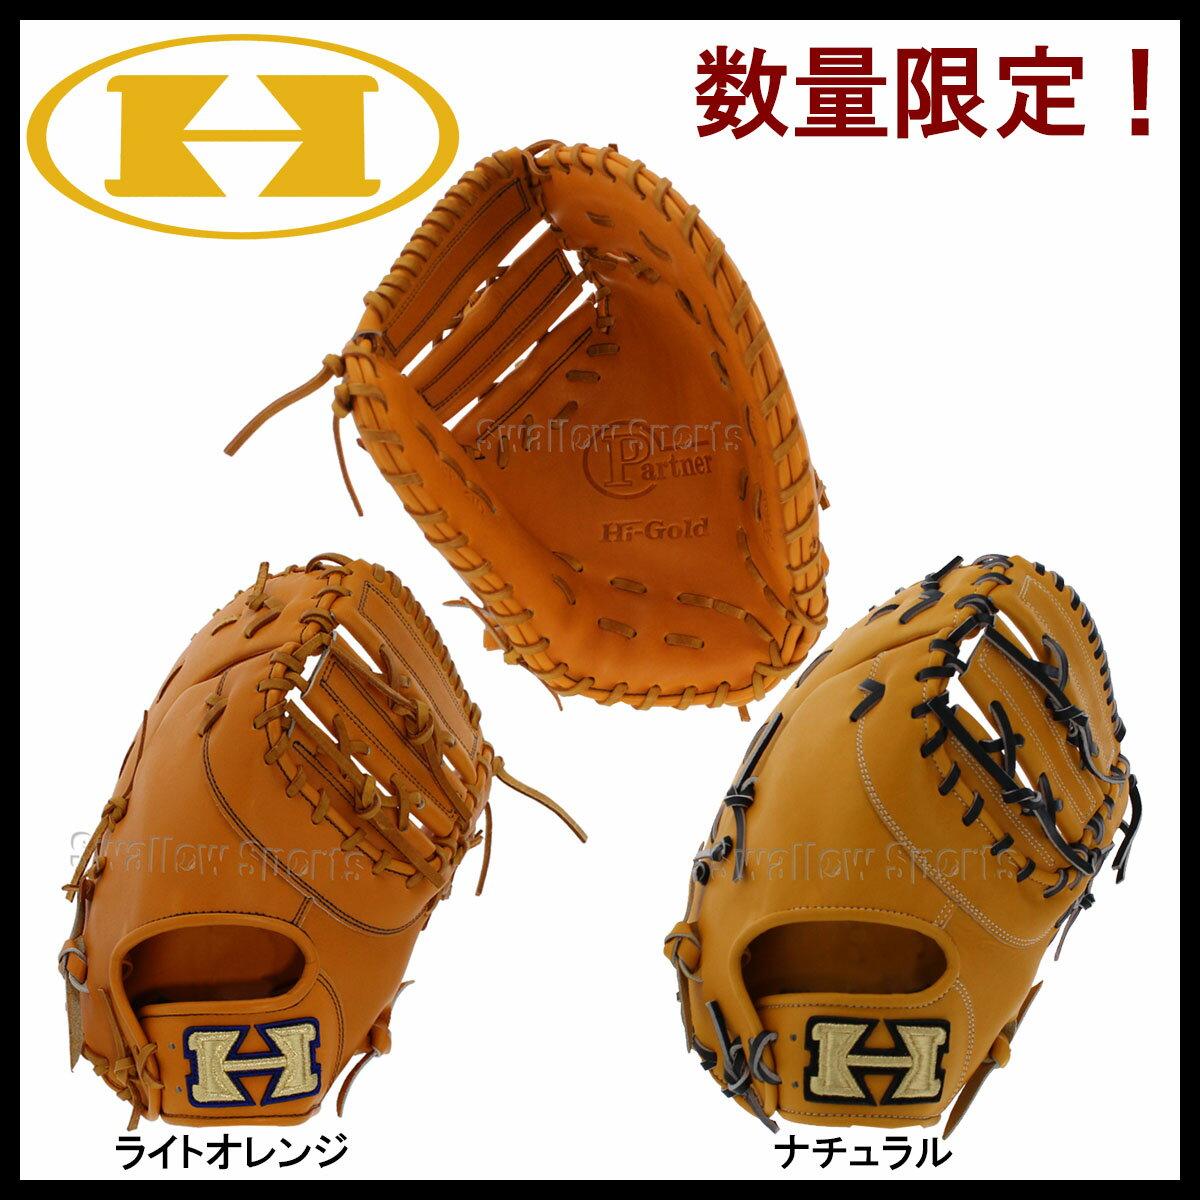 【あす楽対応】 ハイゴールド 軟式 限定 ファーストミット NPF-270 入学祝い 野球部 野球用品 スワロースポーツ